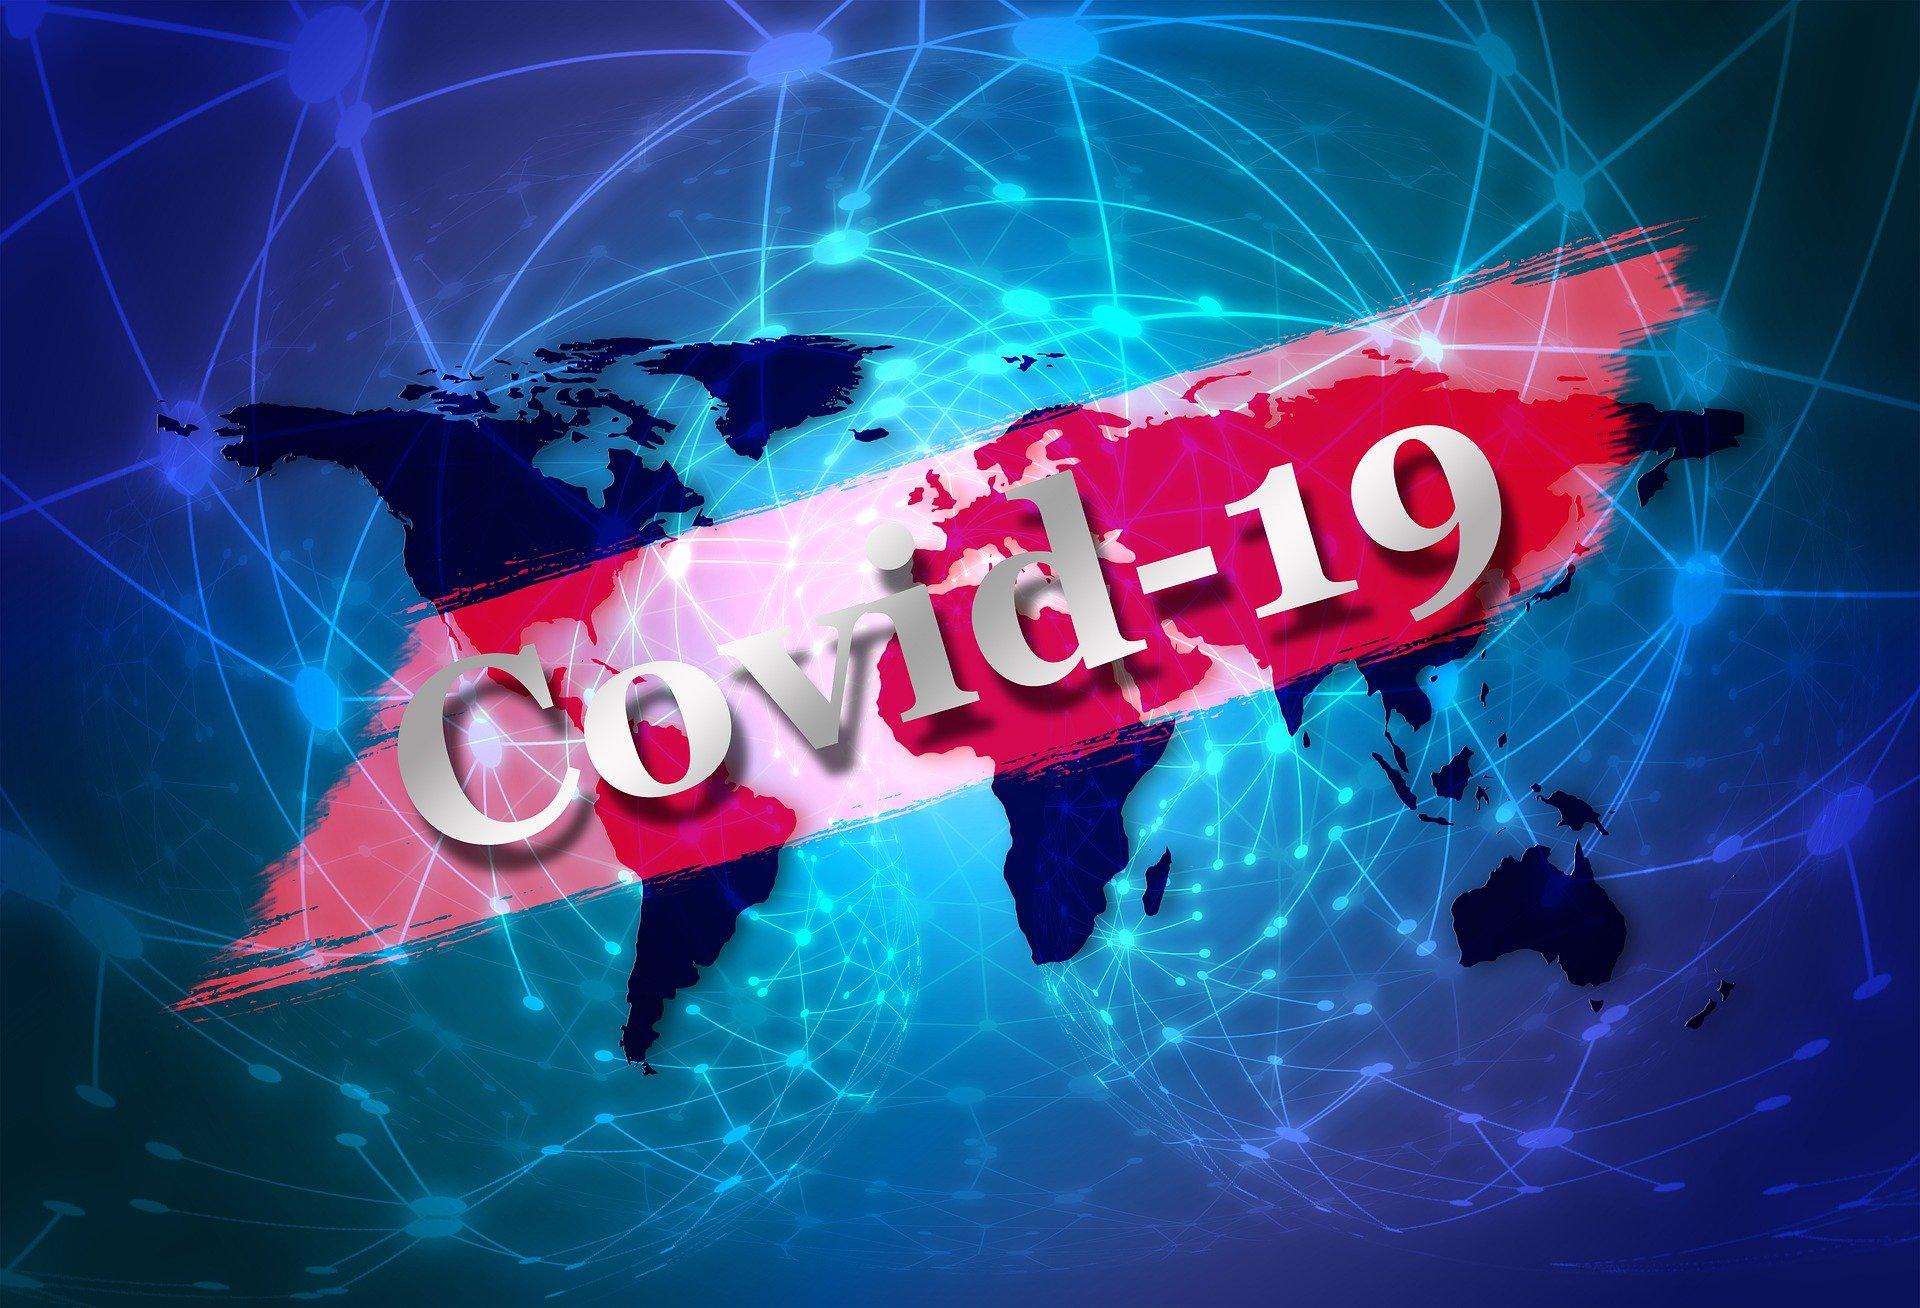 Νέα έρευνα για τον κορωνοϊό: Τα υψηλά επίπεδα λεμφοκυττάρων και η ανοσία στον ιό